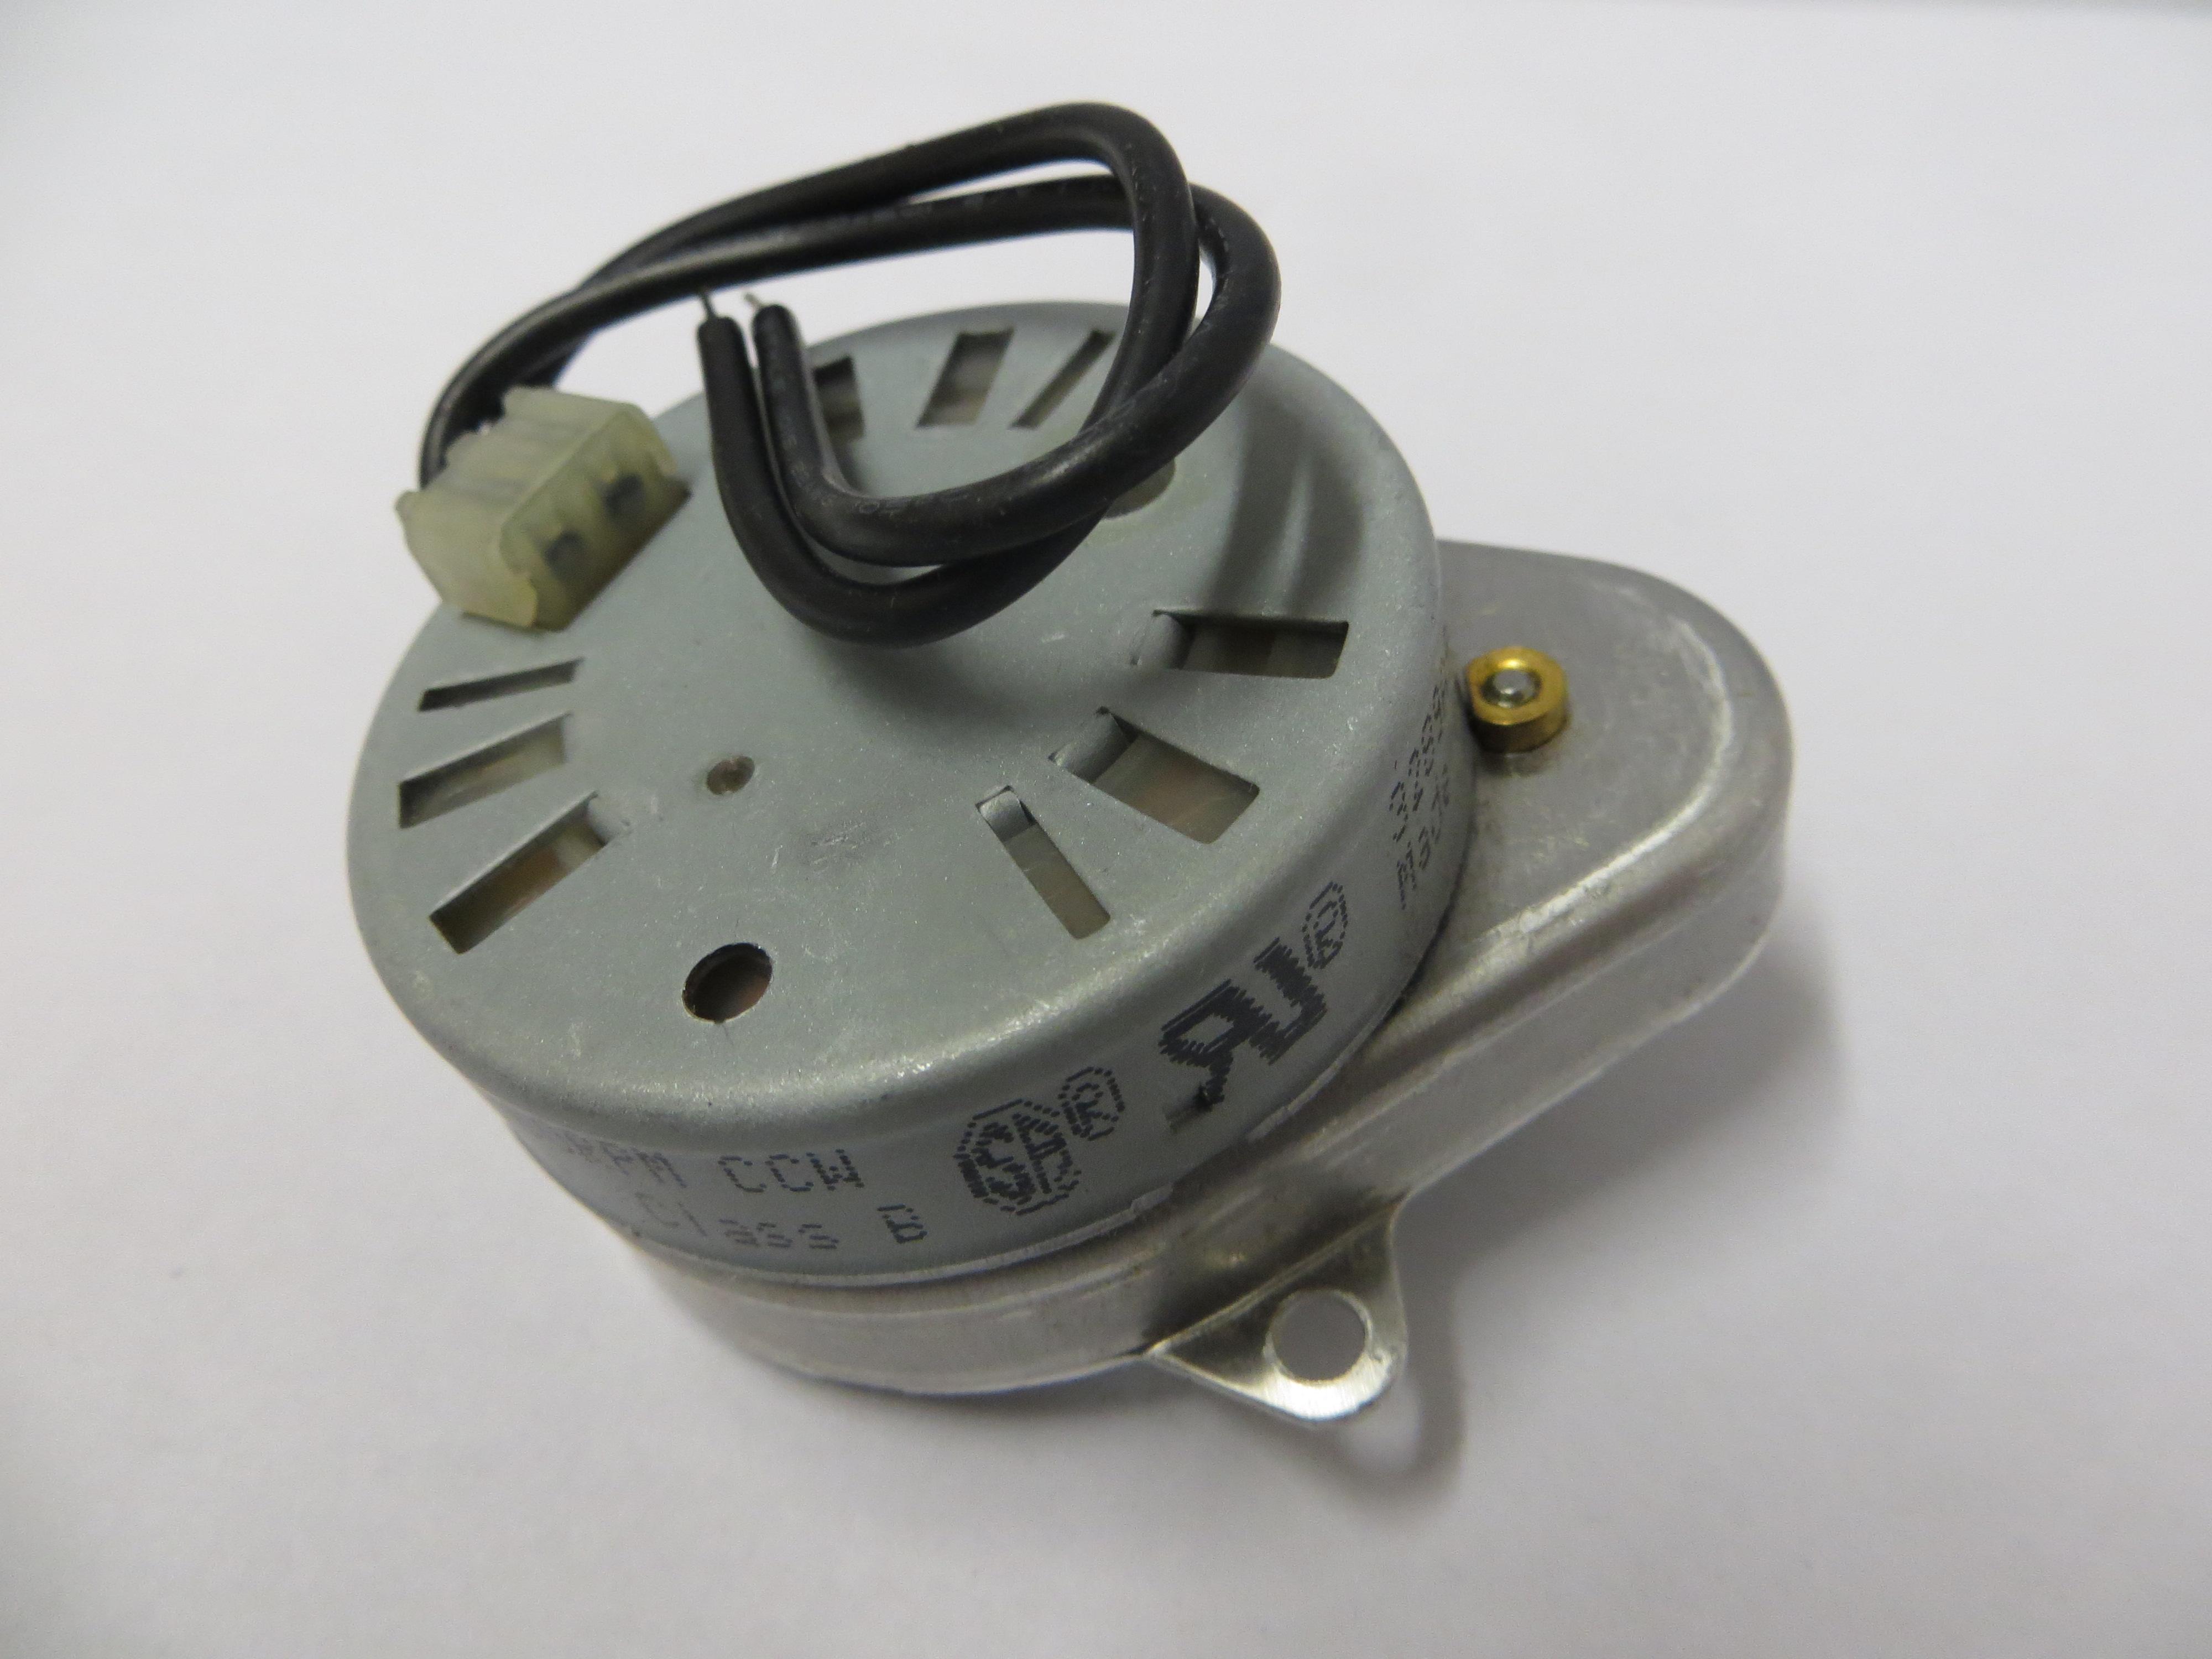 Alliance M400609 Motor Timer St 129 Dryer Timer Motor